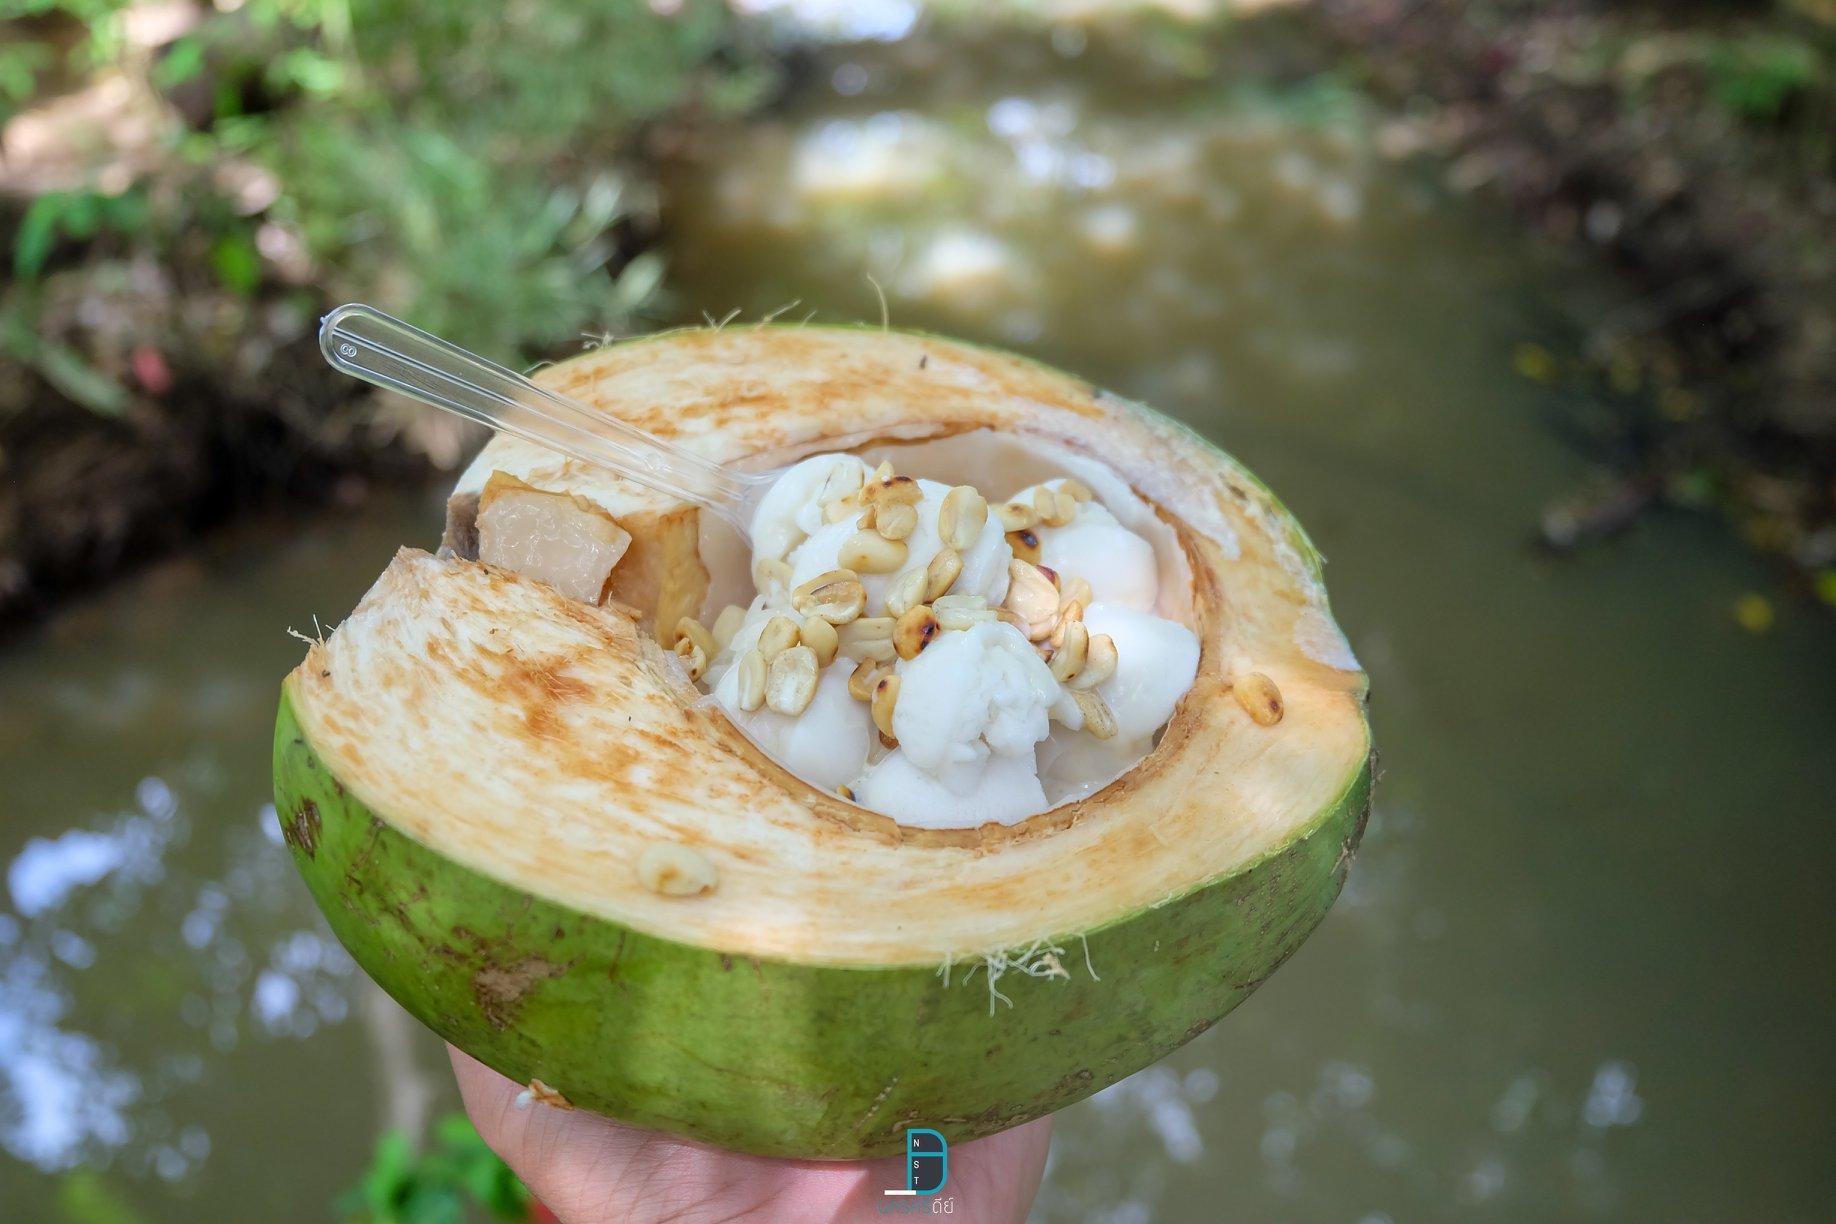 ไอติมกะทิ-ในลูกมะพร้าวแบบฟินๆ-อร่อยมวากกก พัทลุง,กิน,เที่ยว,จุดเช็คอิน,จุดถ่ายรูป,แหล่งท่องเที่ยว